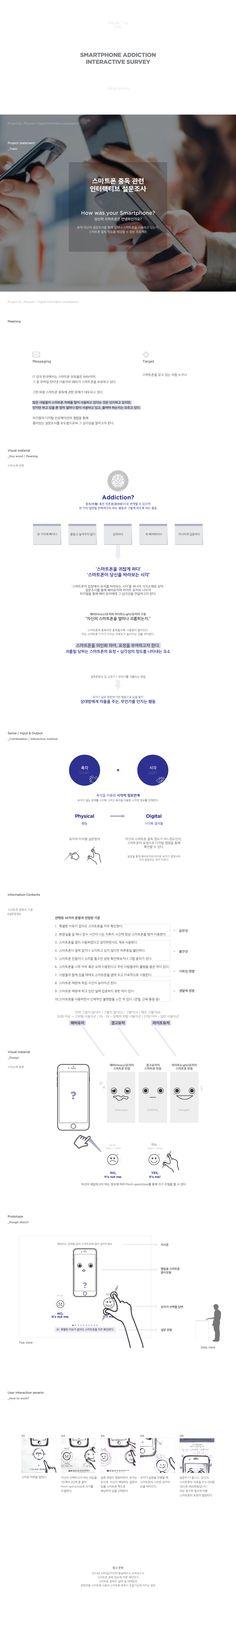 김상아│ Information Visualization 2015│ Major in Digital Media Design │#hicoda │hicoda.hongik.ac.kr